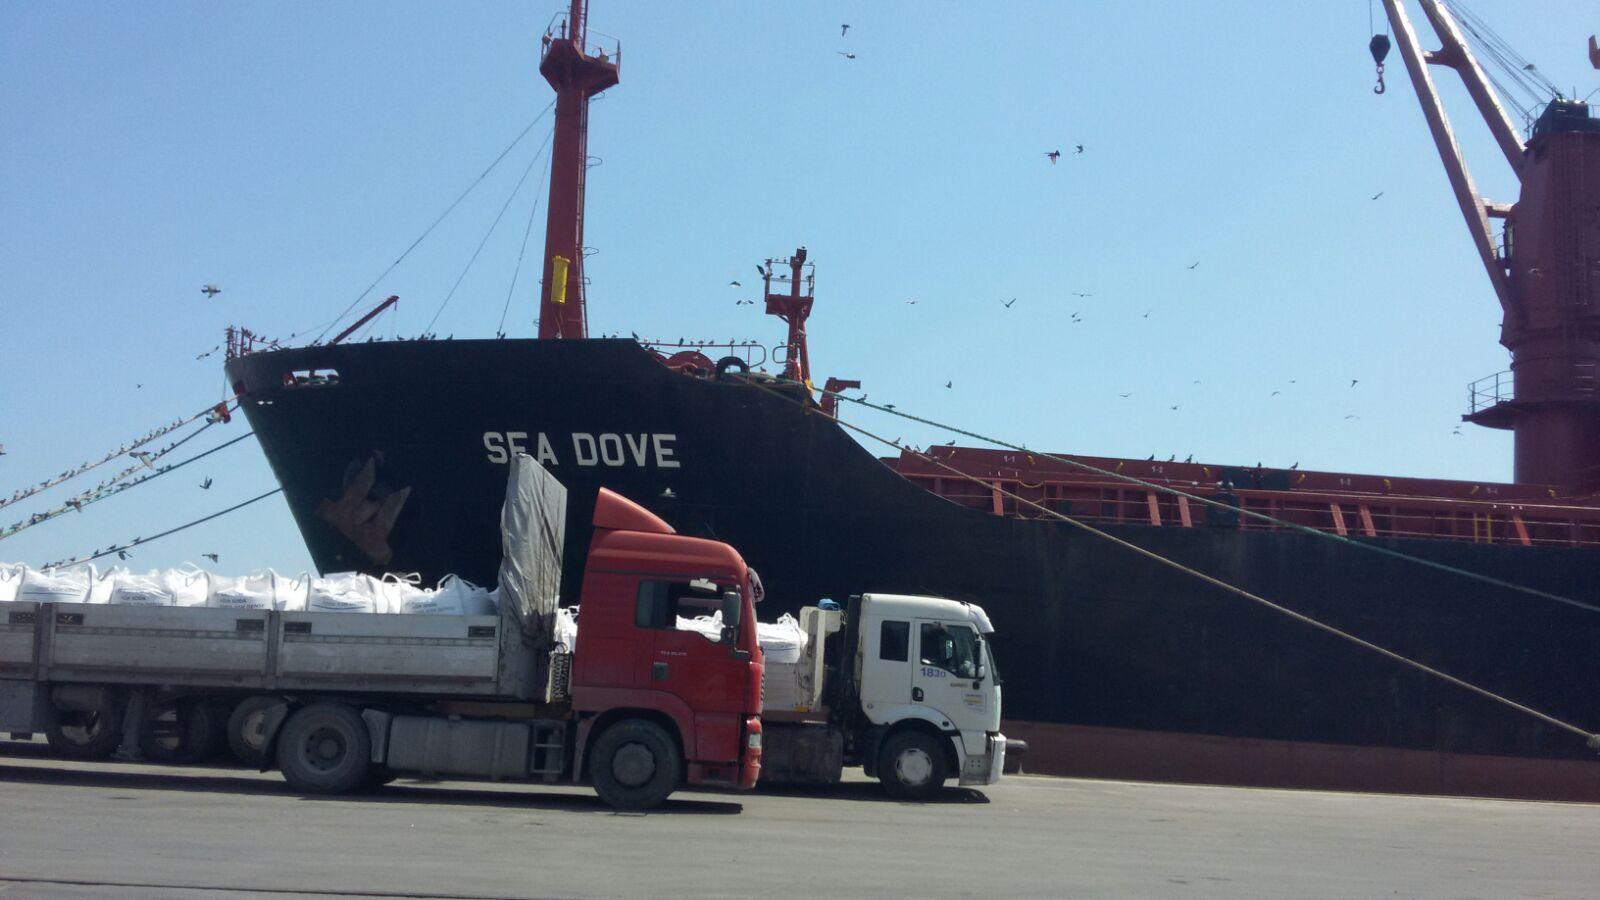 MV SEA DOVE – DISCHARGING